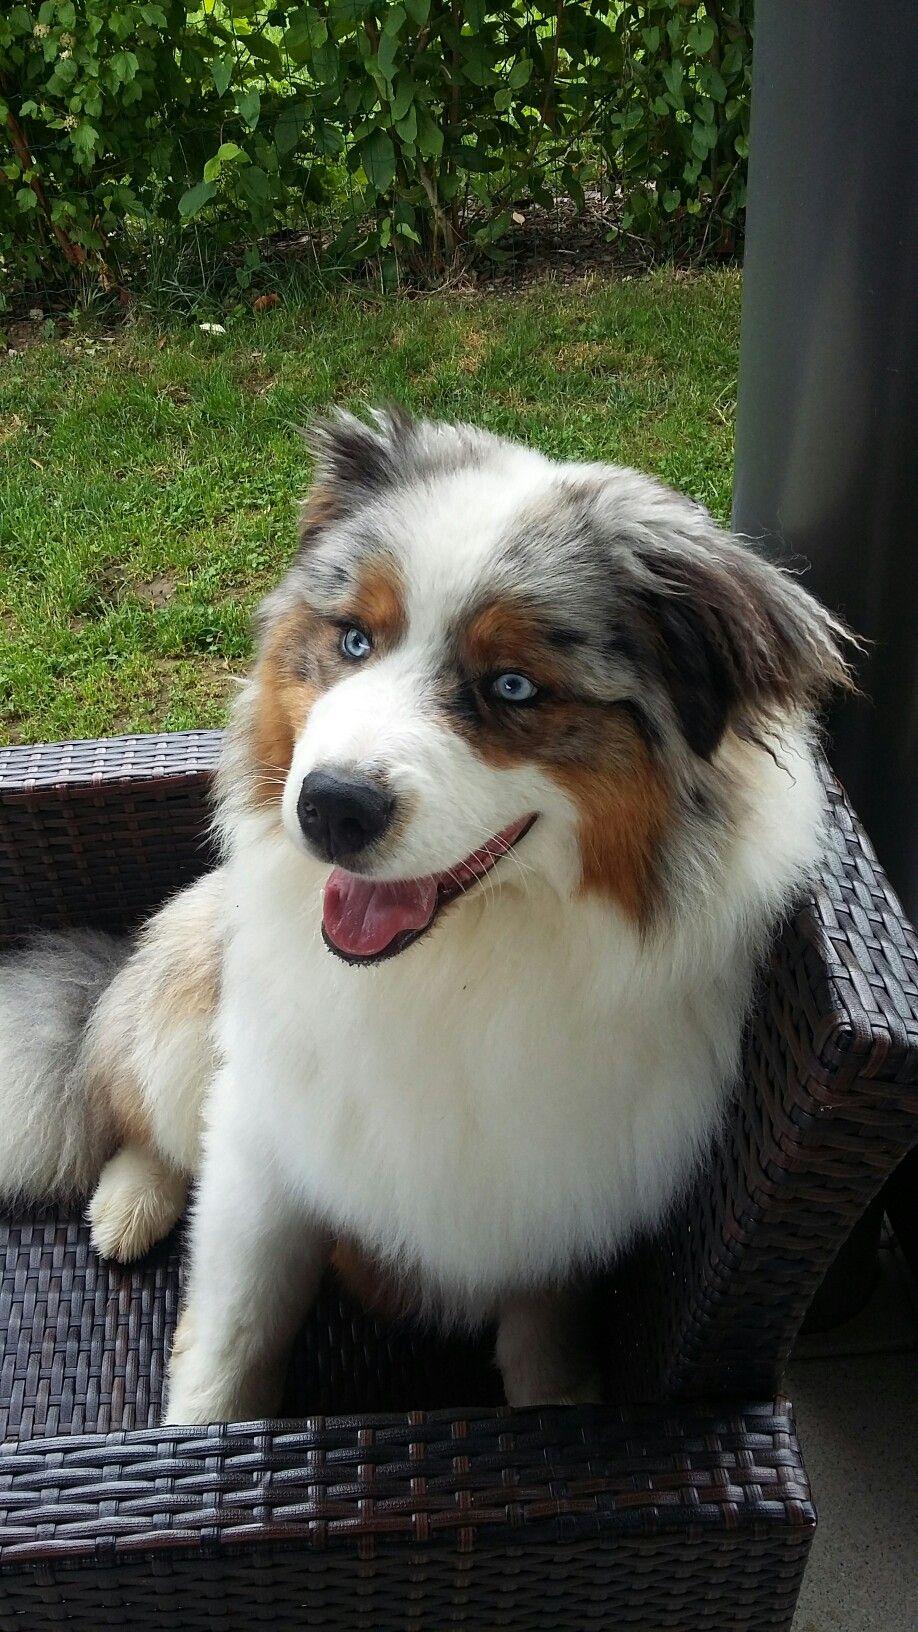 Pin By Grace Jordan On Berger Australien Aussie Dogs Australian Shepherd Dogs